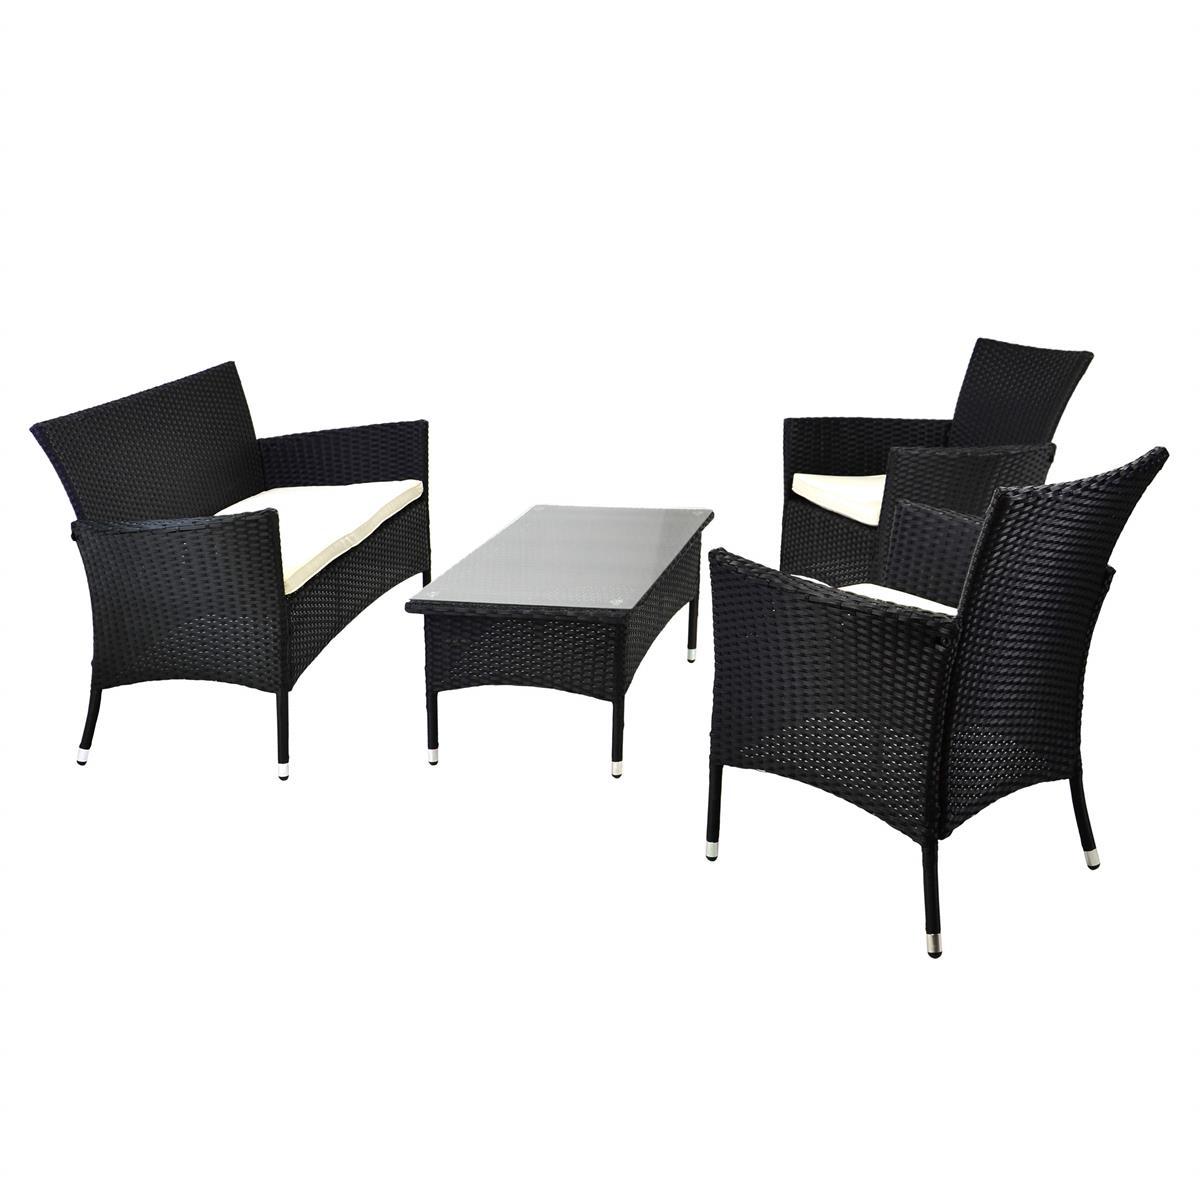 Poly Rattan Set 4tlg Glastisch Weiß Garnitur Gartenmöbel Sitzgruppe